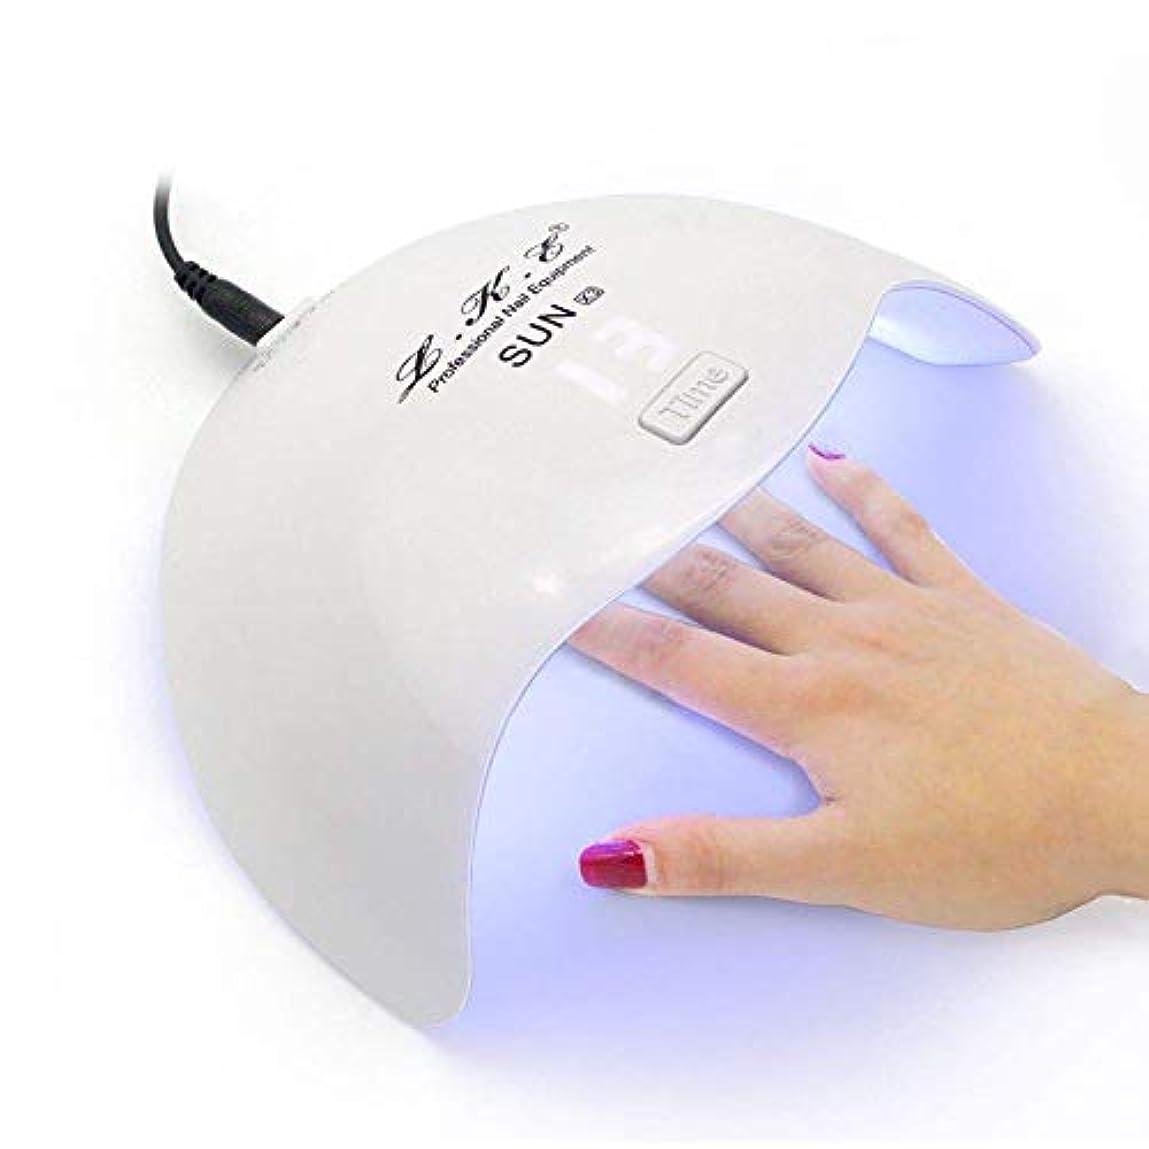 受動的真向こう予測ネイルドライヤーミニ24W UV LEDランプ硬化ネイルジェルポリッシュ誘導タイマーネイルアートツール家庭用機器用、絵のように色